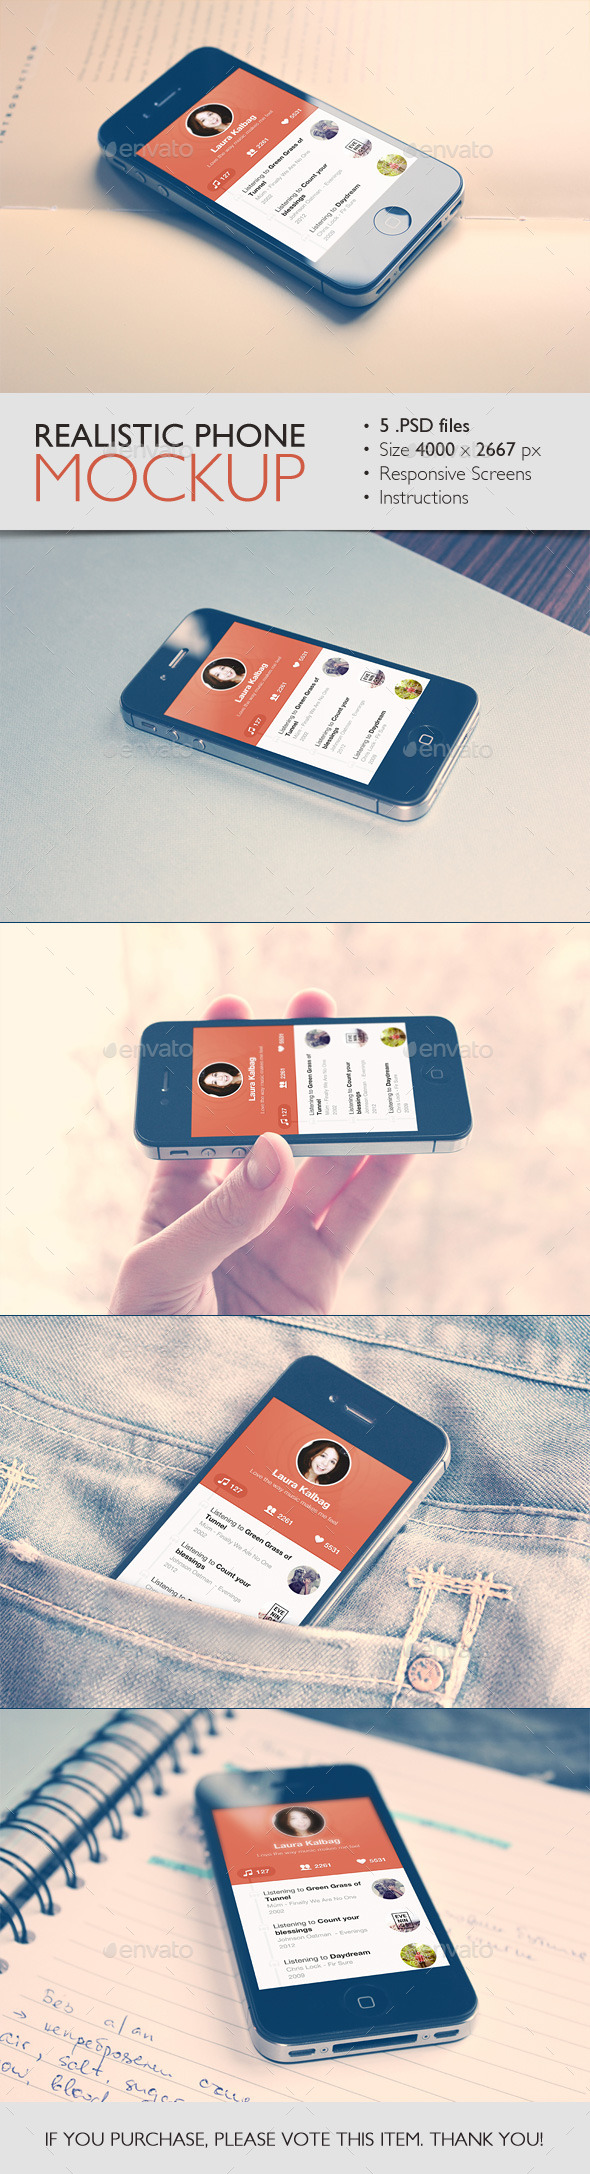 Realistic Phone Mockup - Mobile Displays